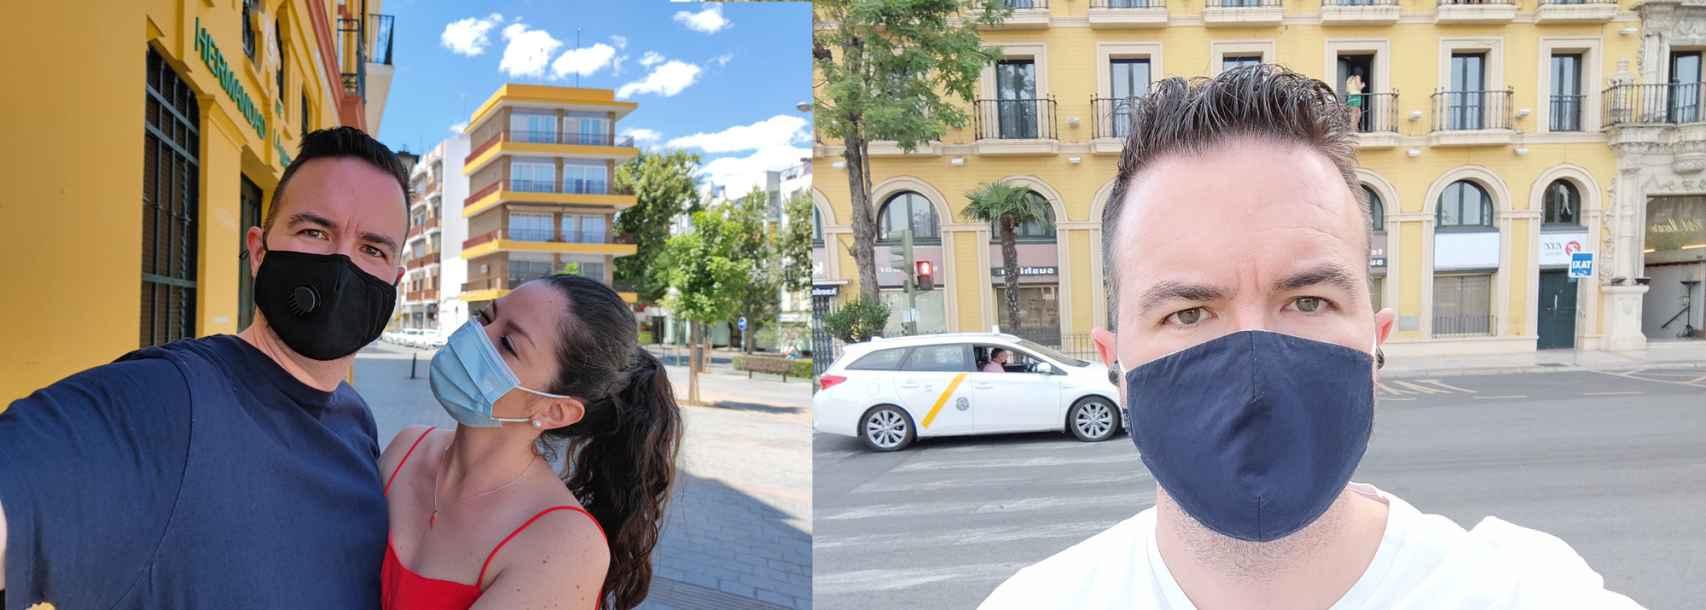 Selfie con la cámara trasera / Selfie con la cámara delantera